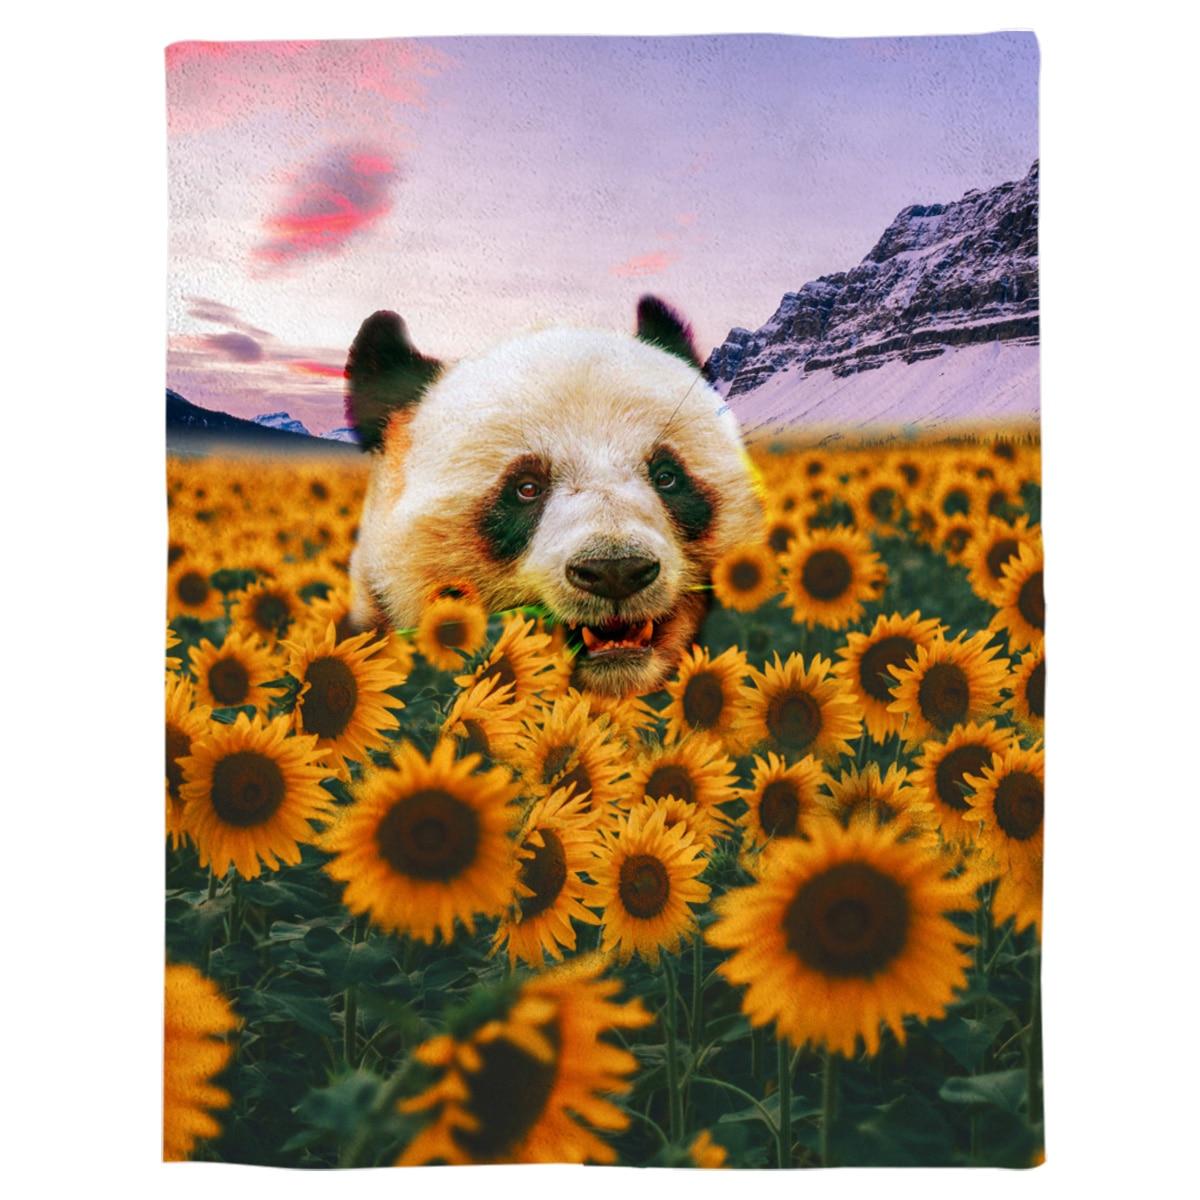 بطانية من الفلانيل بطبعة سماء جبلية ، بطبعة عباد الشمس والباندا ، للأسرة ، قابلة للغسل في الغسالة